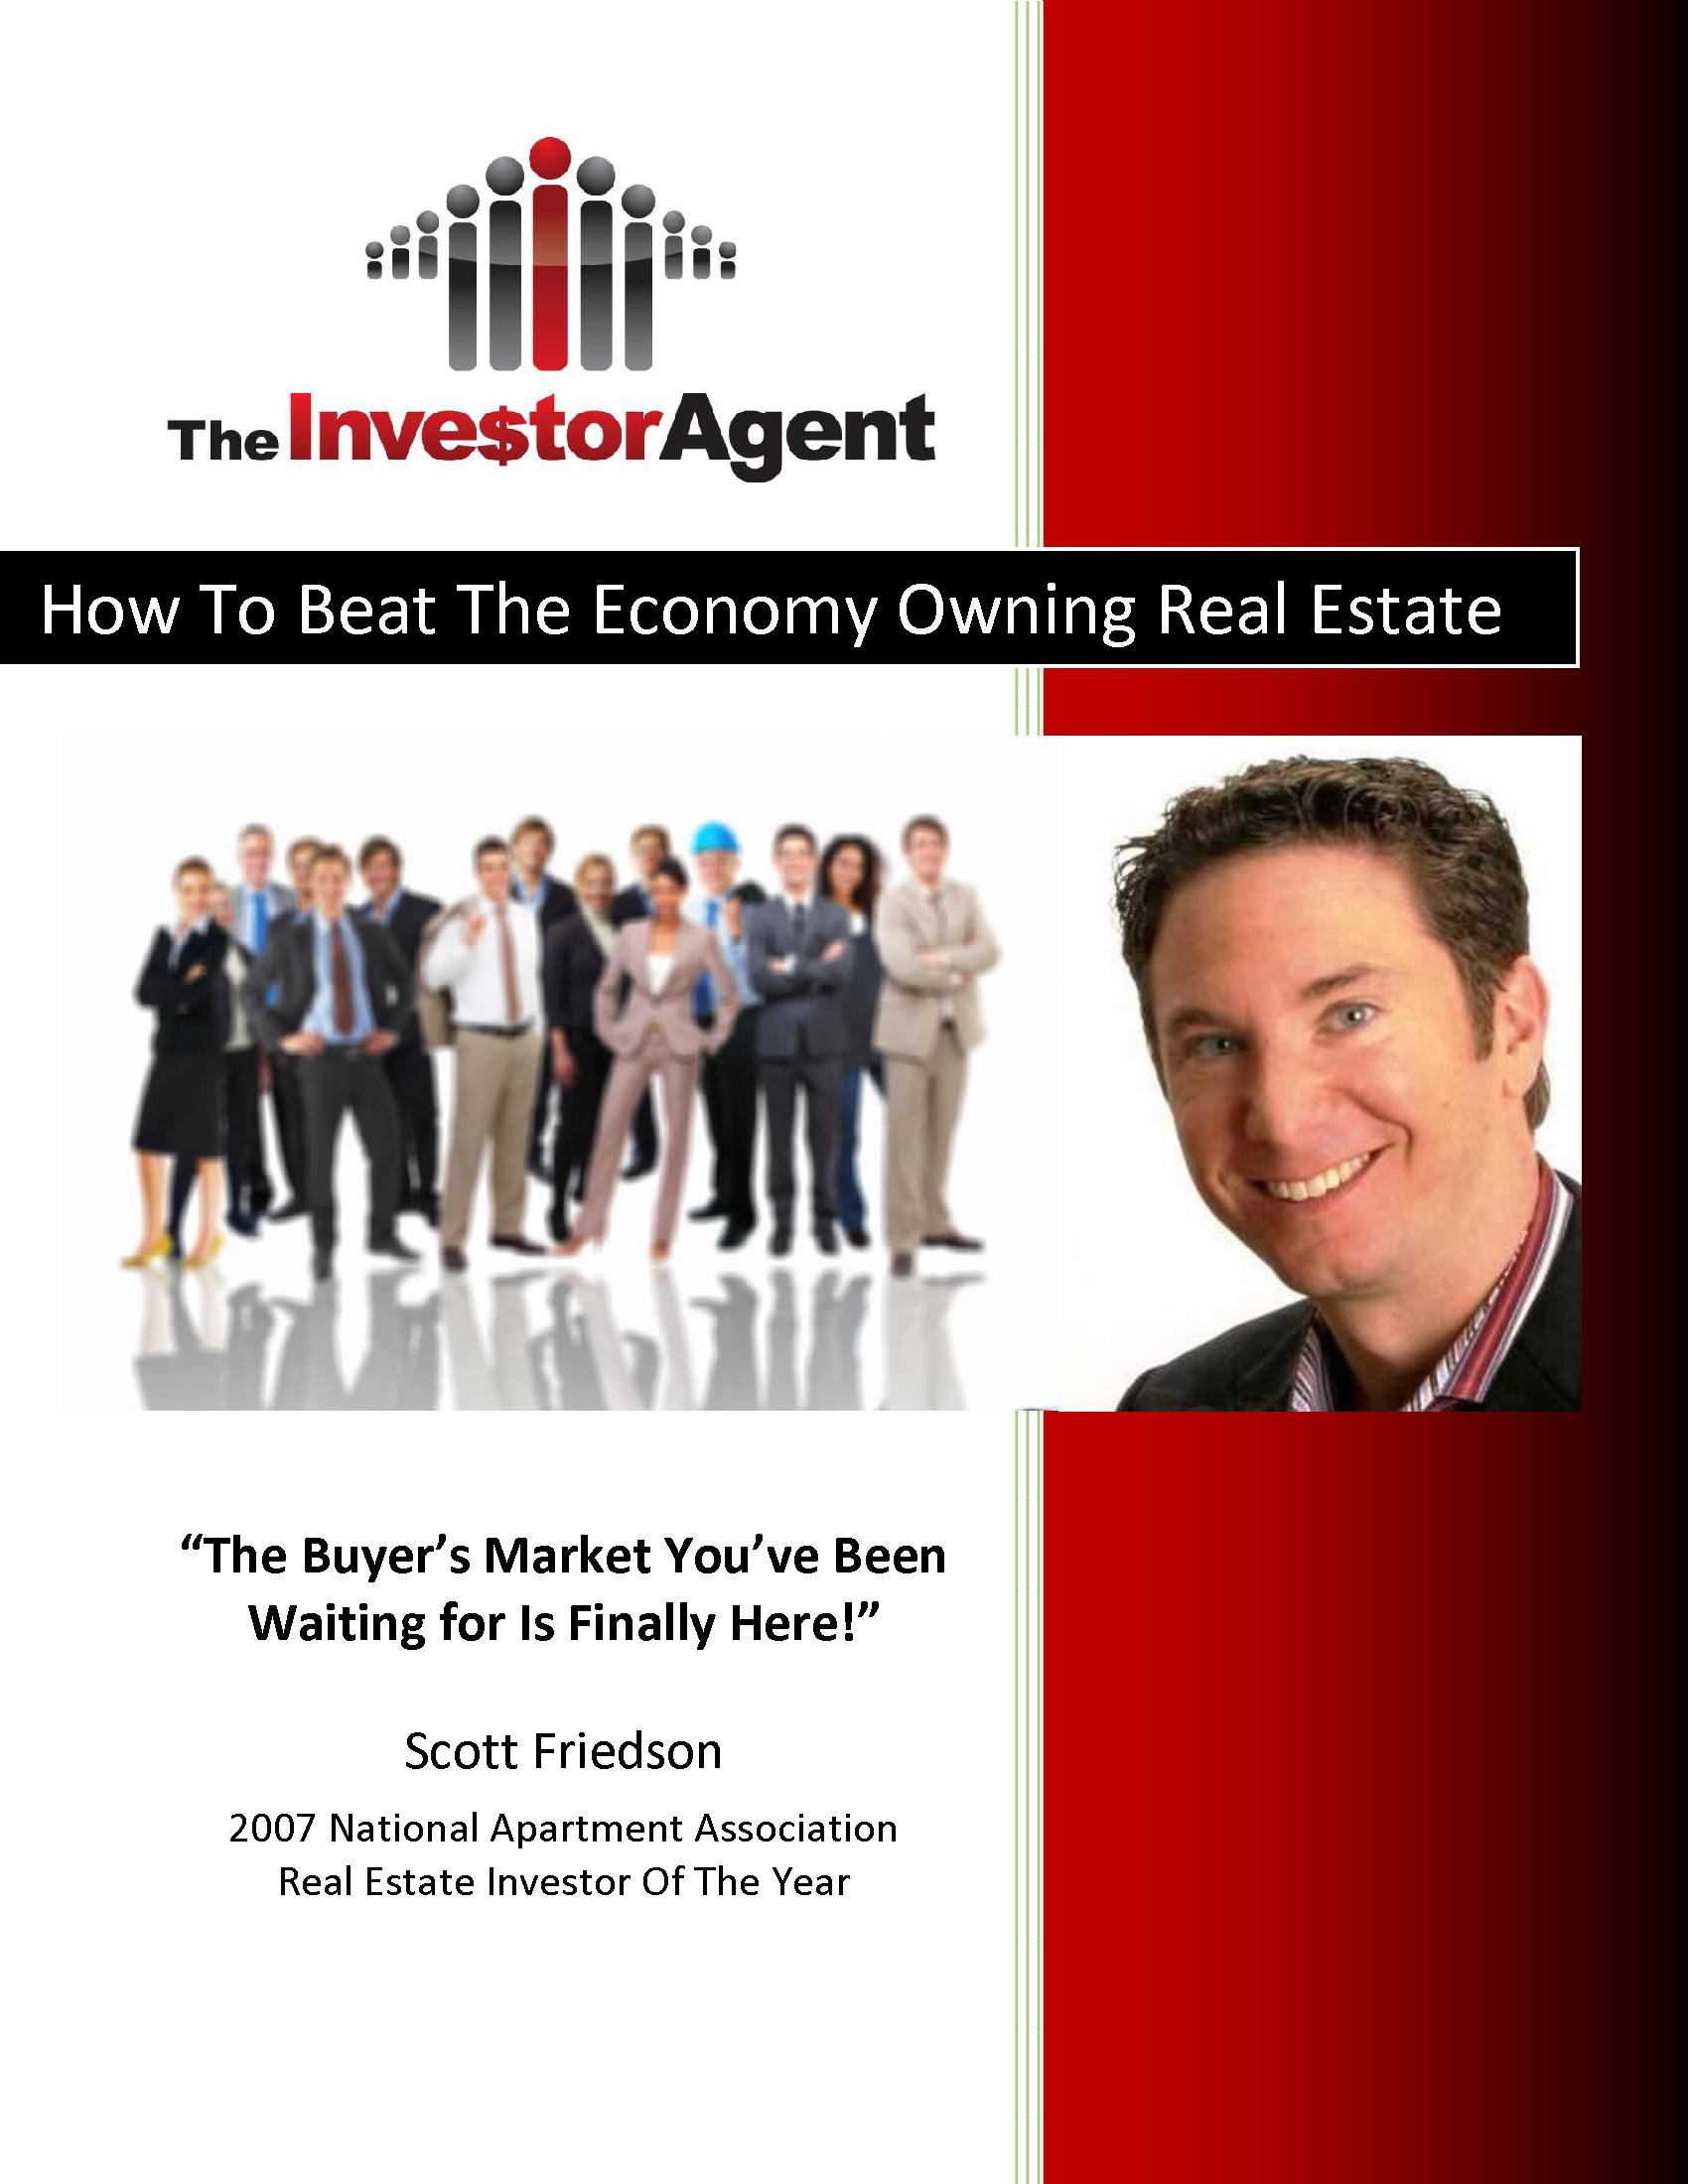 TheInvestorAgentEbook_Page_001.jpg